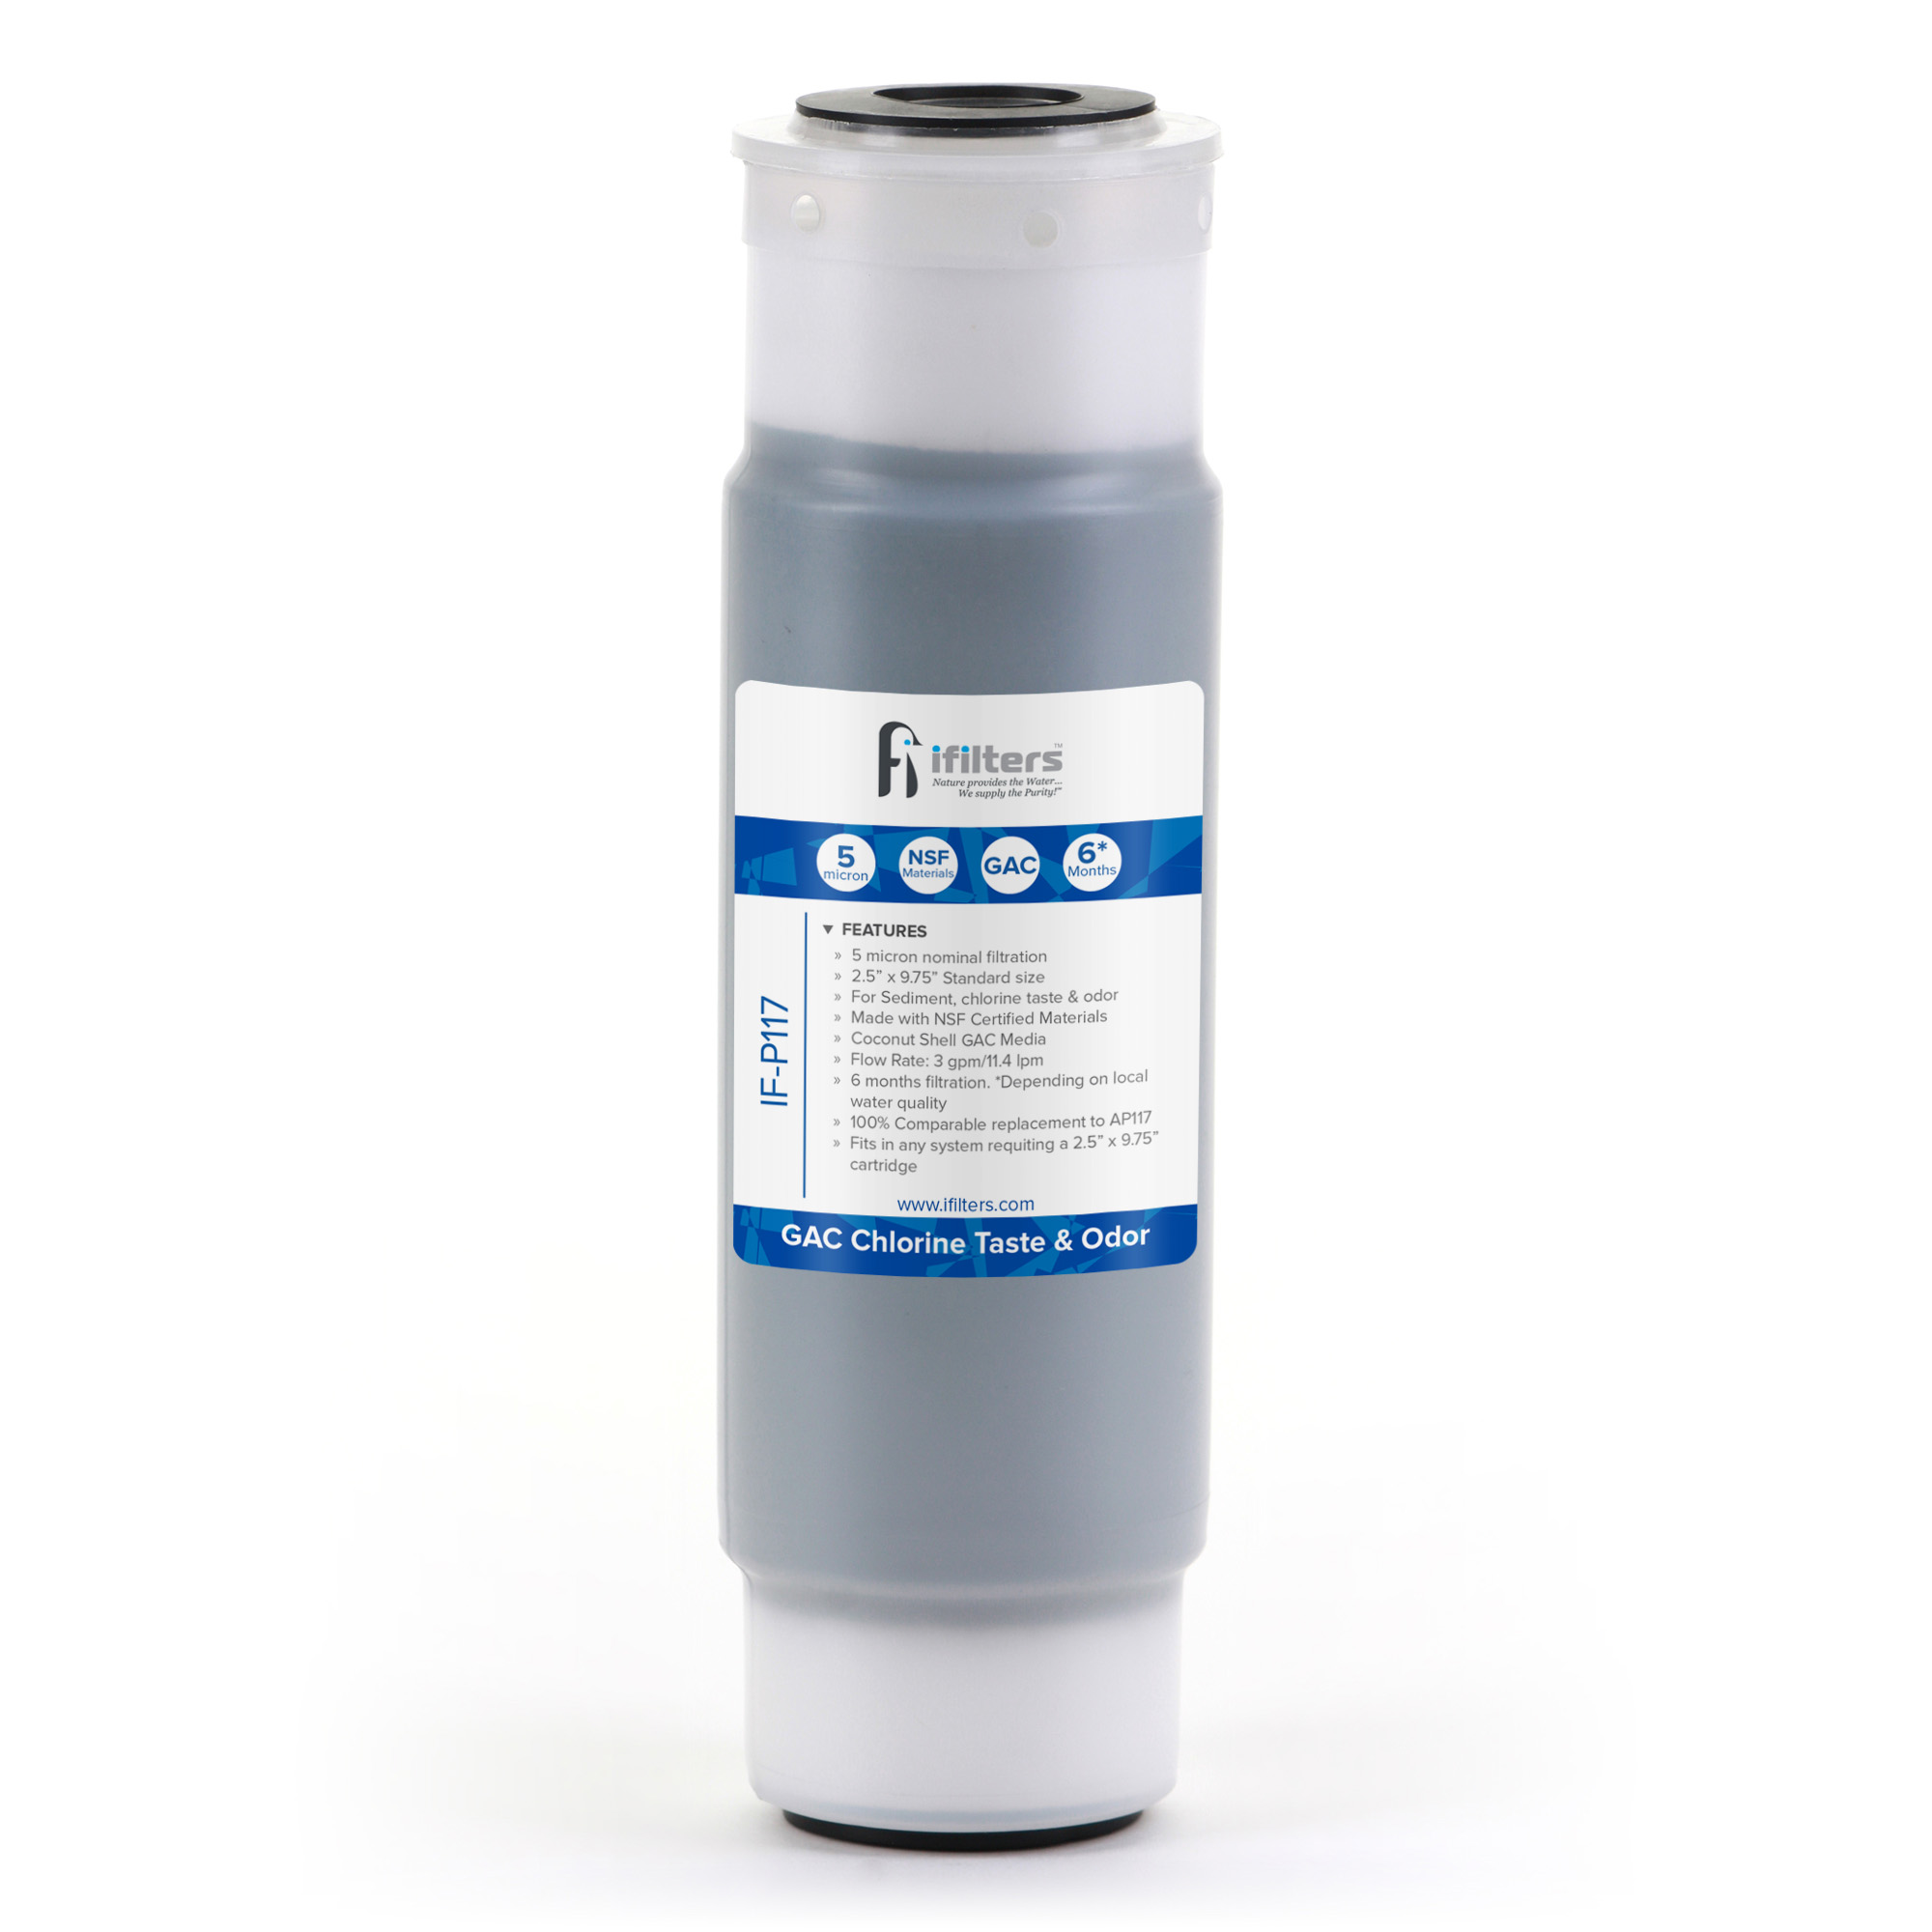 6X Granular Activated Carbon Filter for Aqua-Pure AP11T